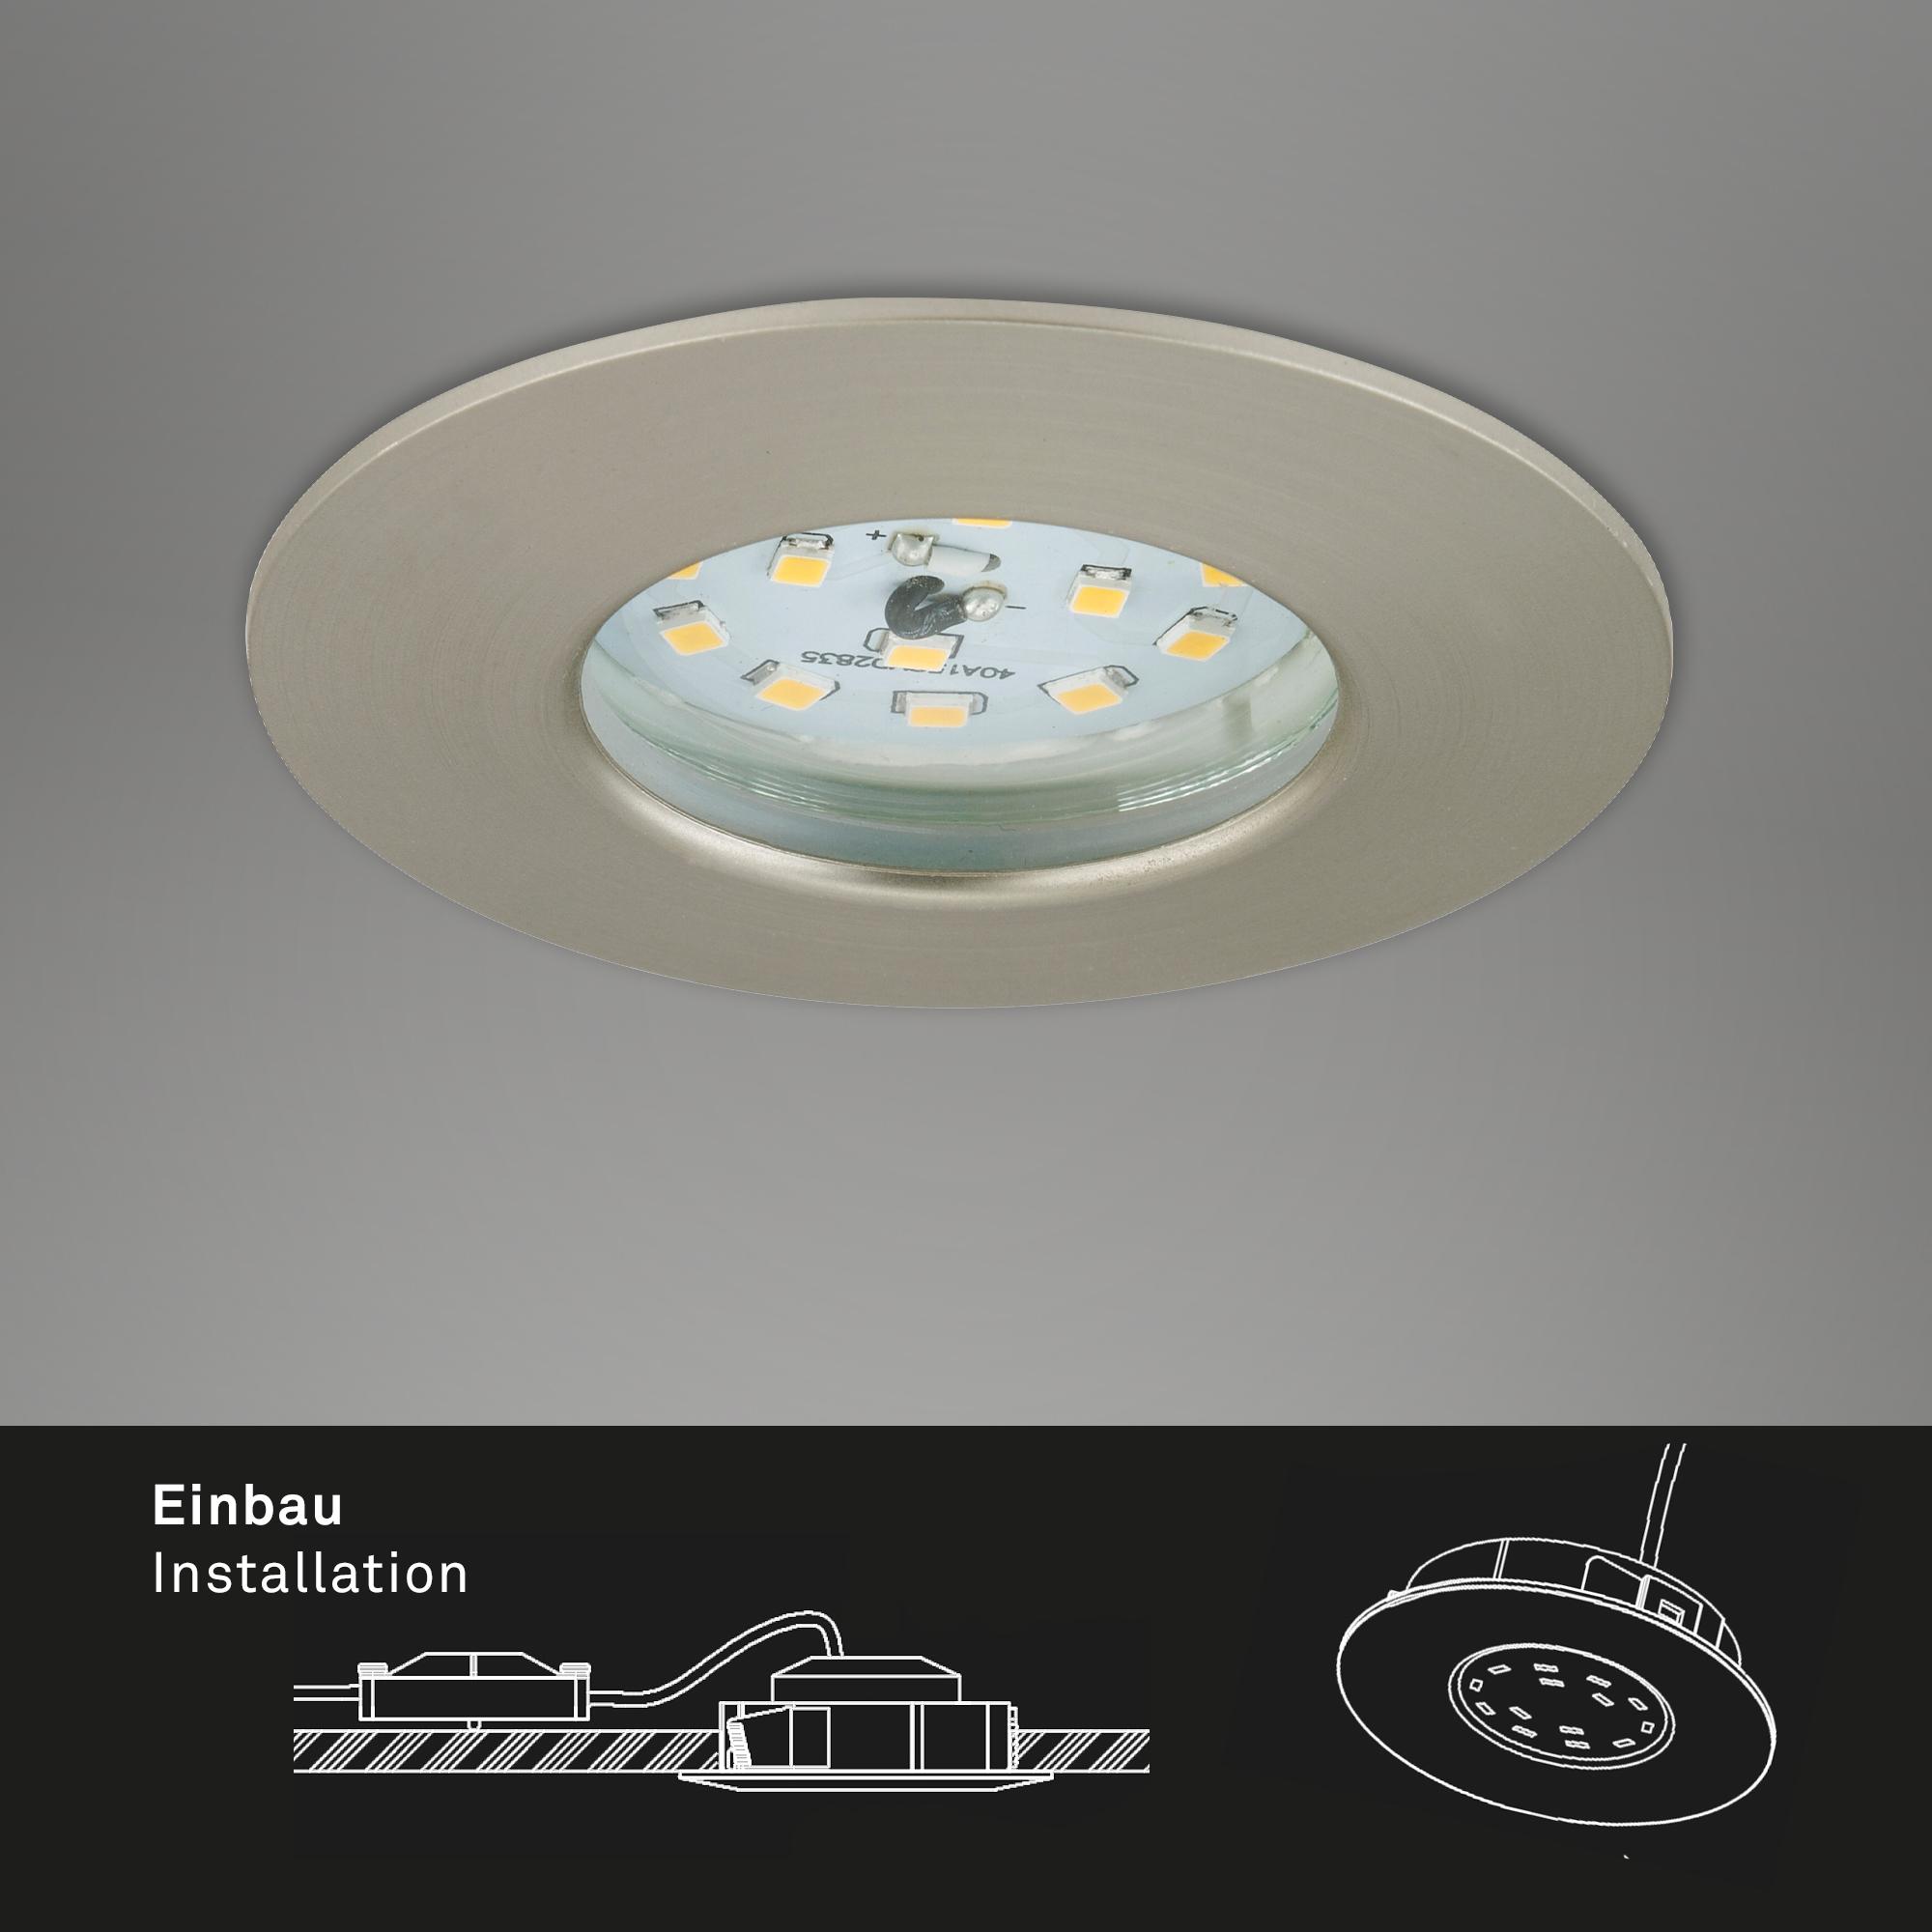 LED Einbauleuchte, Ø 7,5 cm, 6,5 W, Matt-Nickel